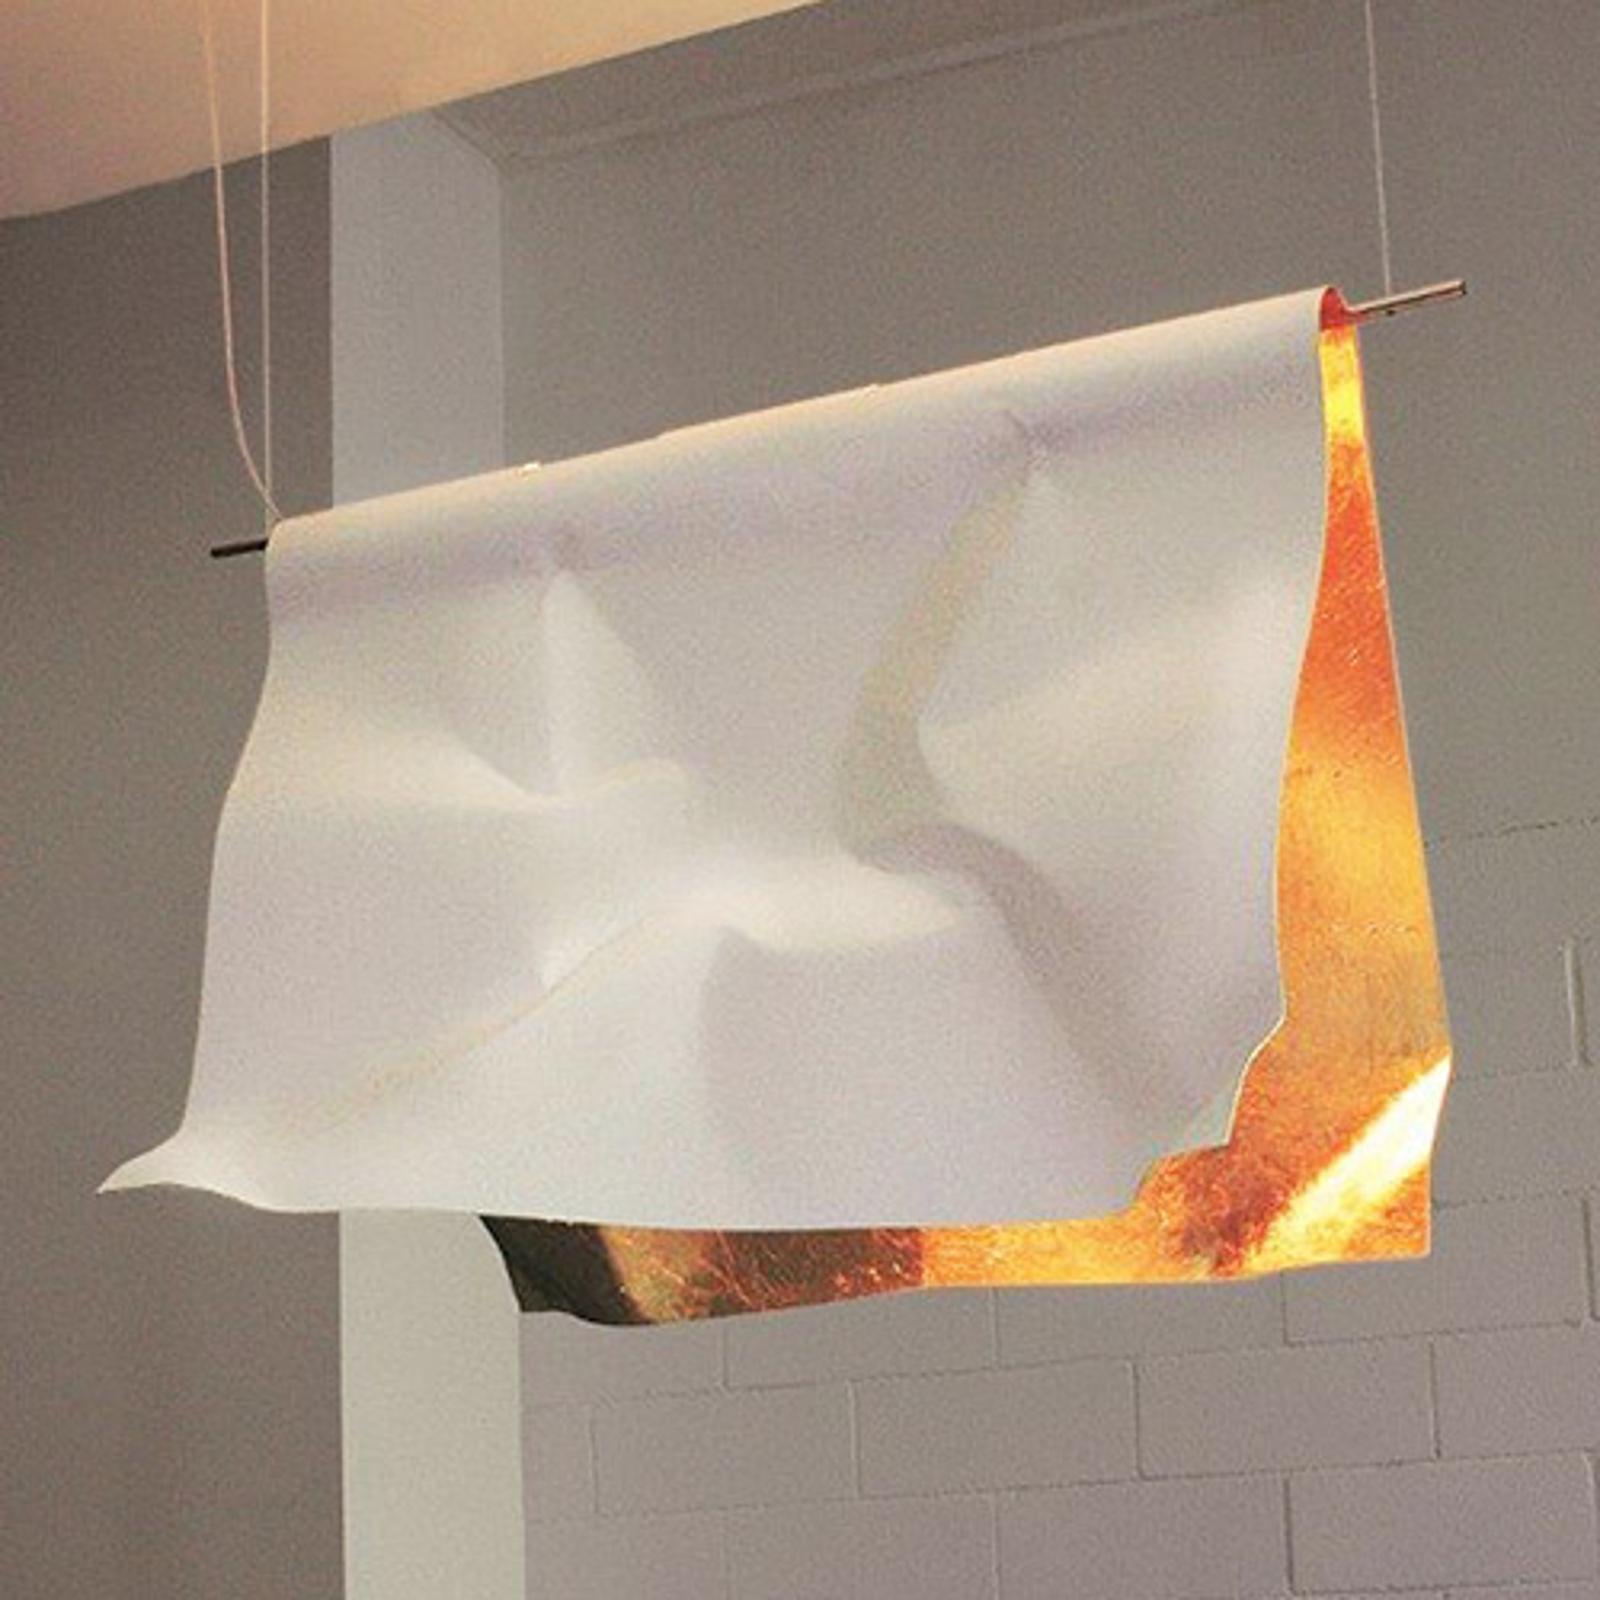 Hanglamp Stendimi met bladgoud, 100 cm